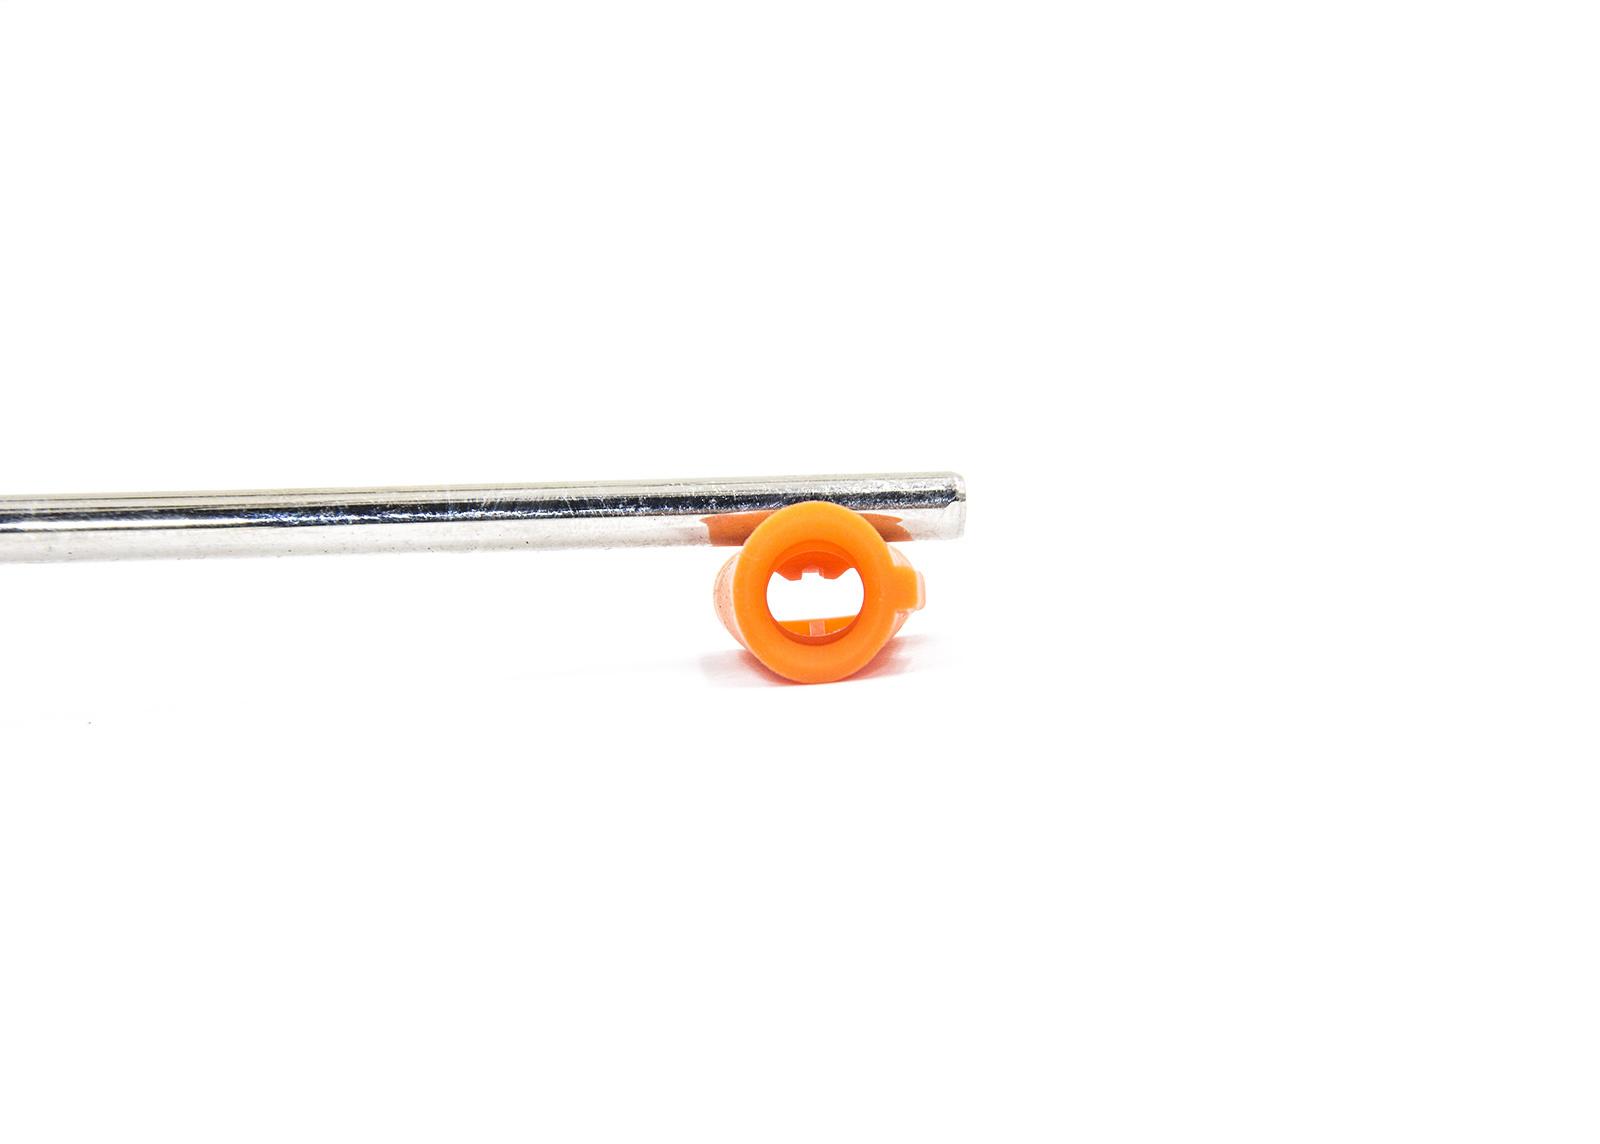 Modify X-Range Hop Up Bucking for GBB/ VSR-10 (70°)